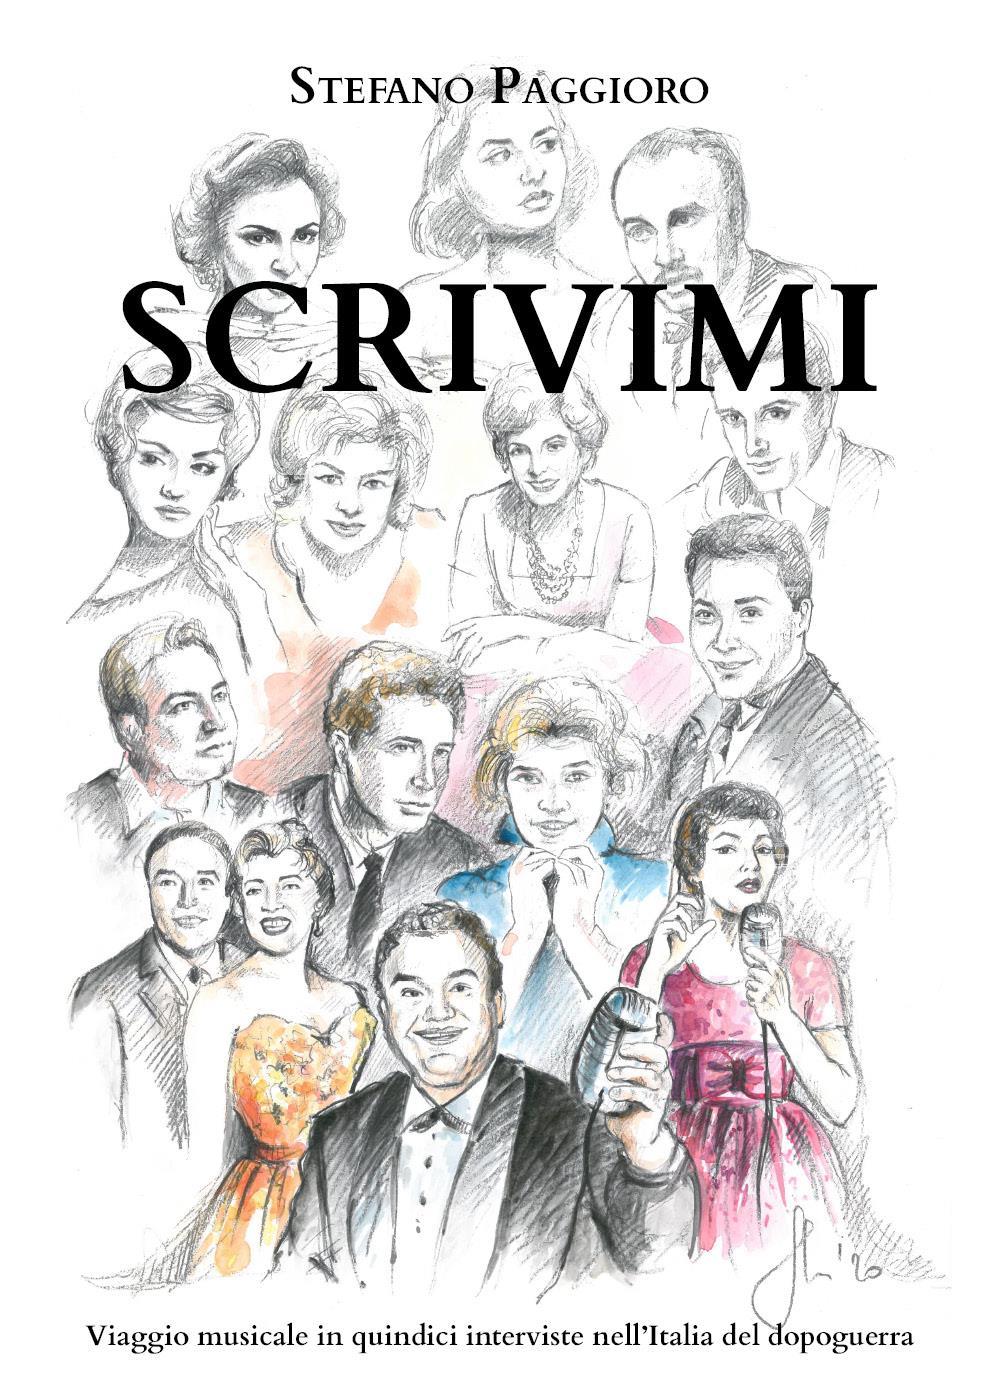 Scrivimi (Viaggio musicale in quindici interviste nell'Italia del dopoguerra)